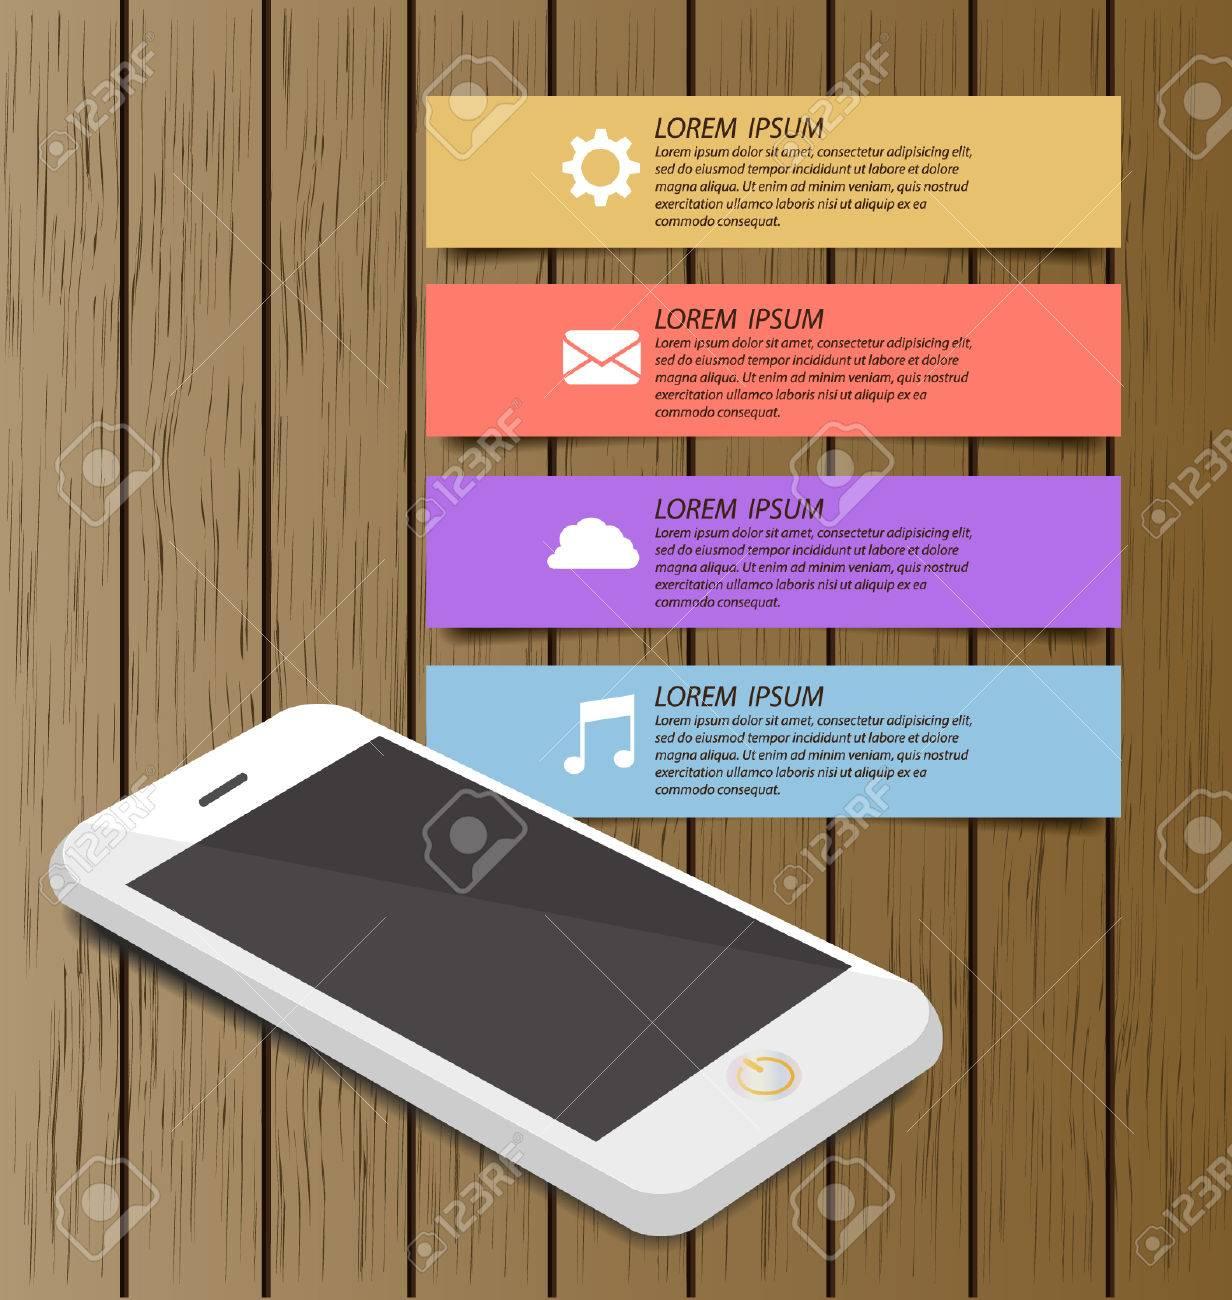 Smartphone Con El Fondo De Librería De Madera En La Pantalla Para El ...